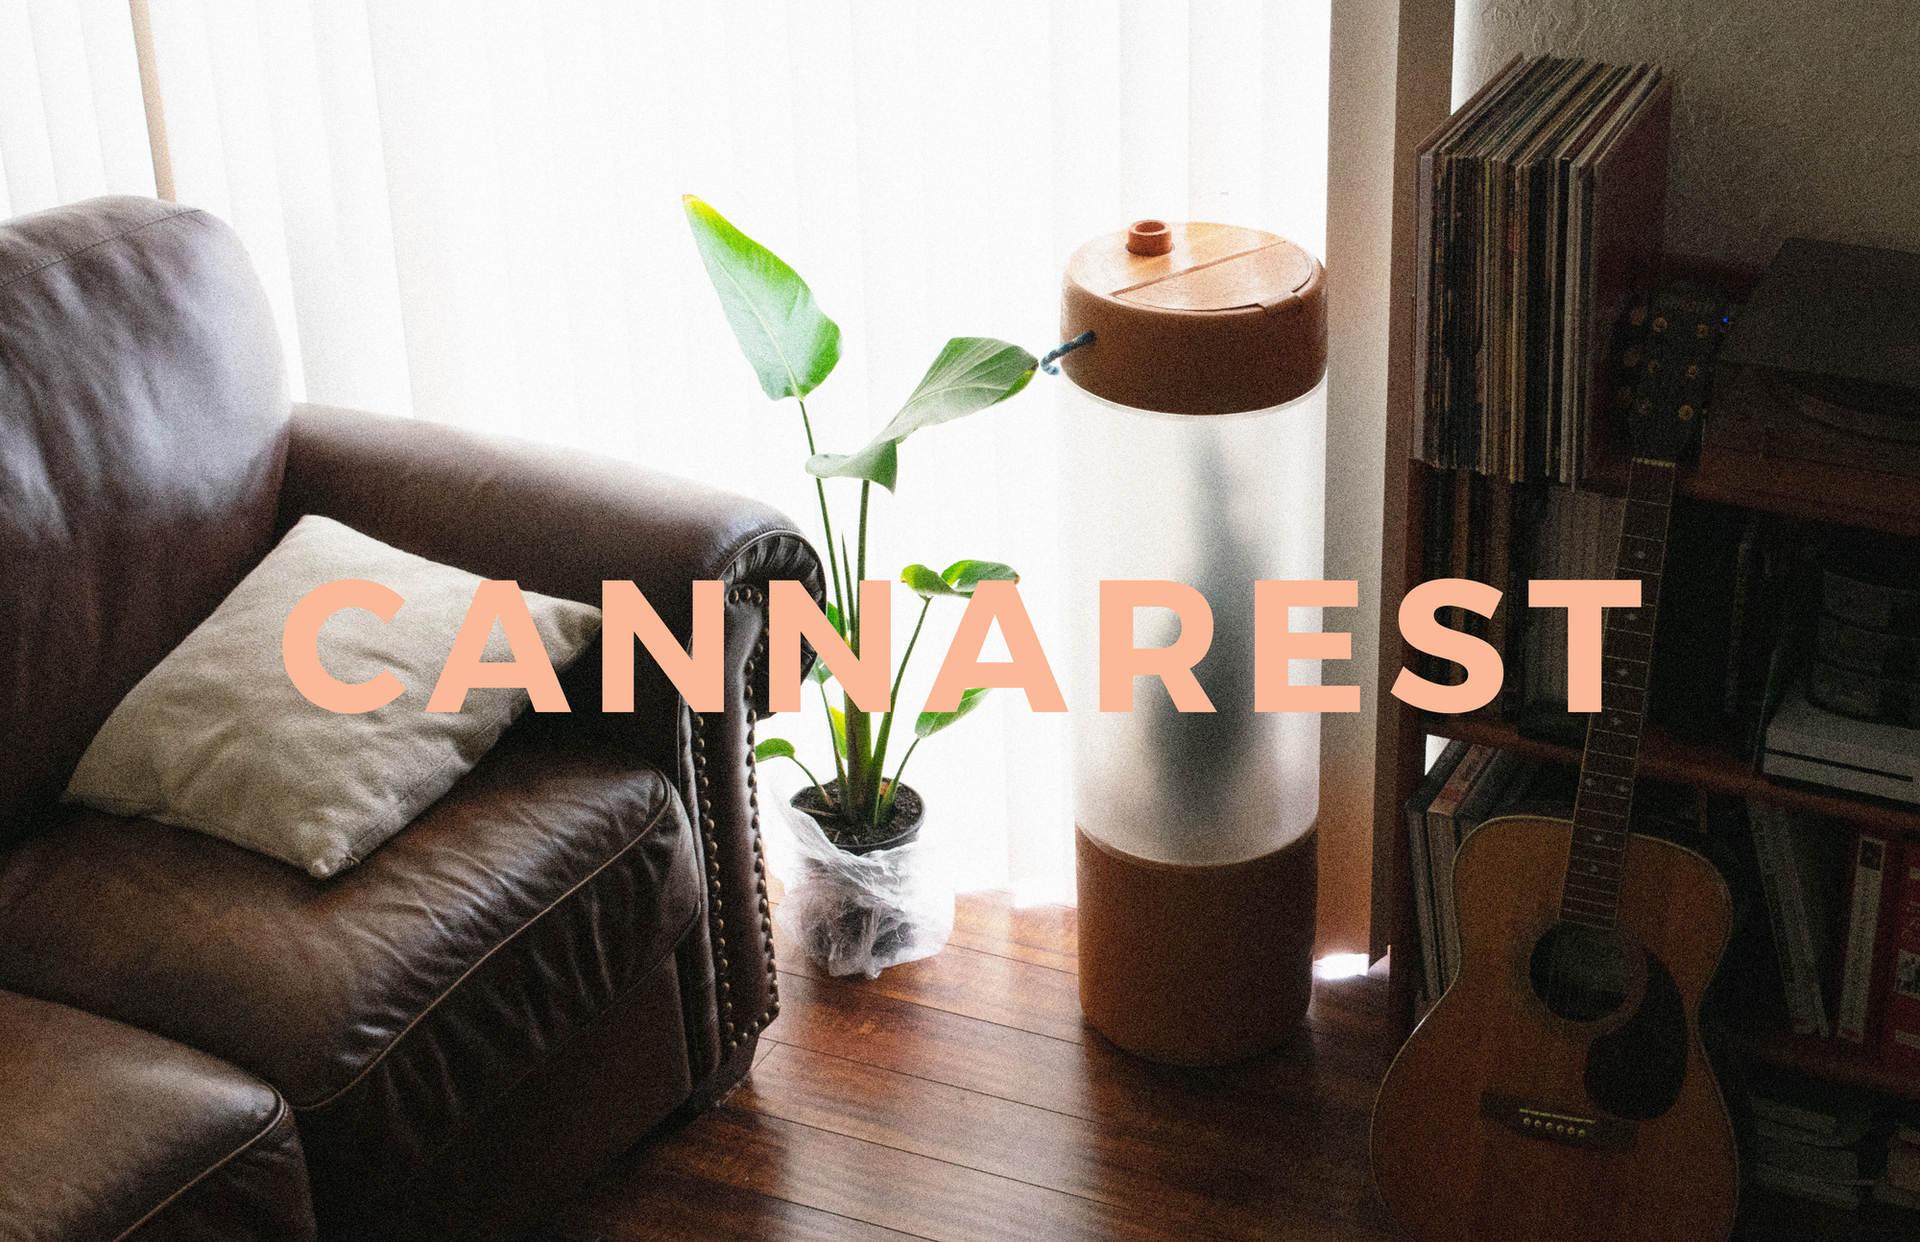 Cannarest - Matt Marchand-41.jpg